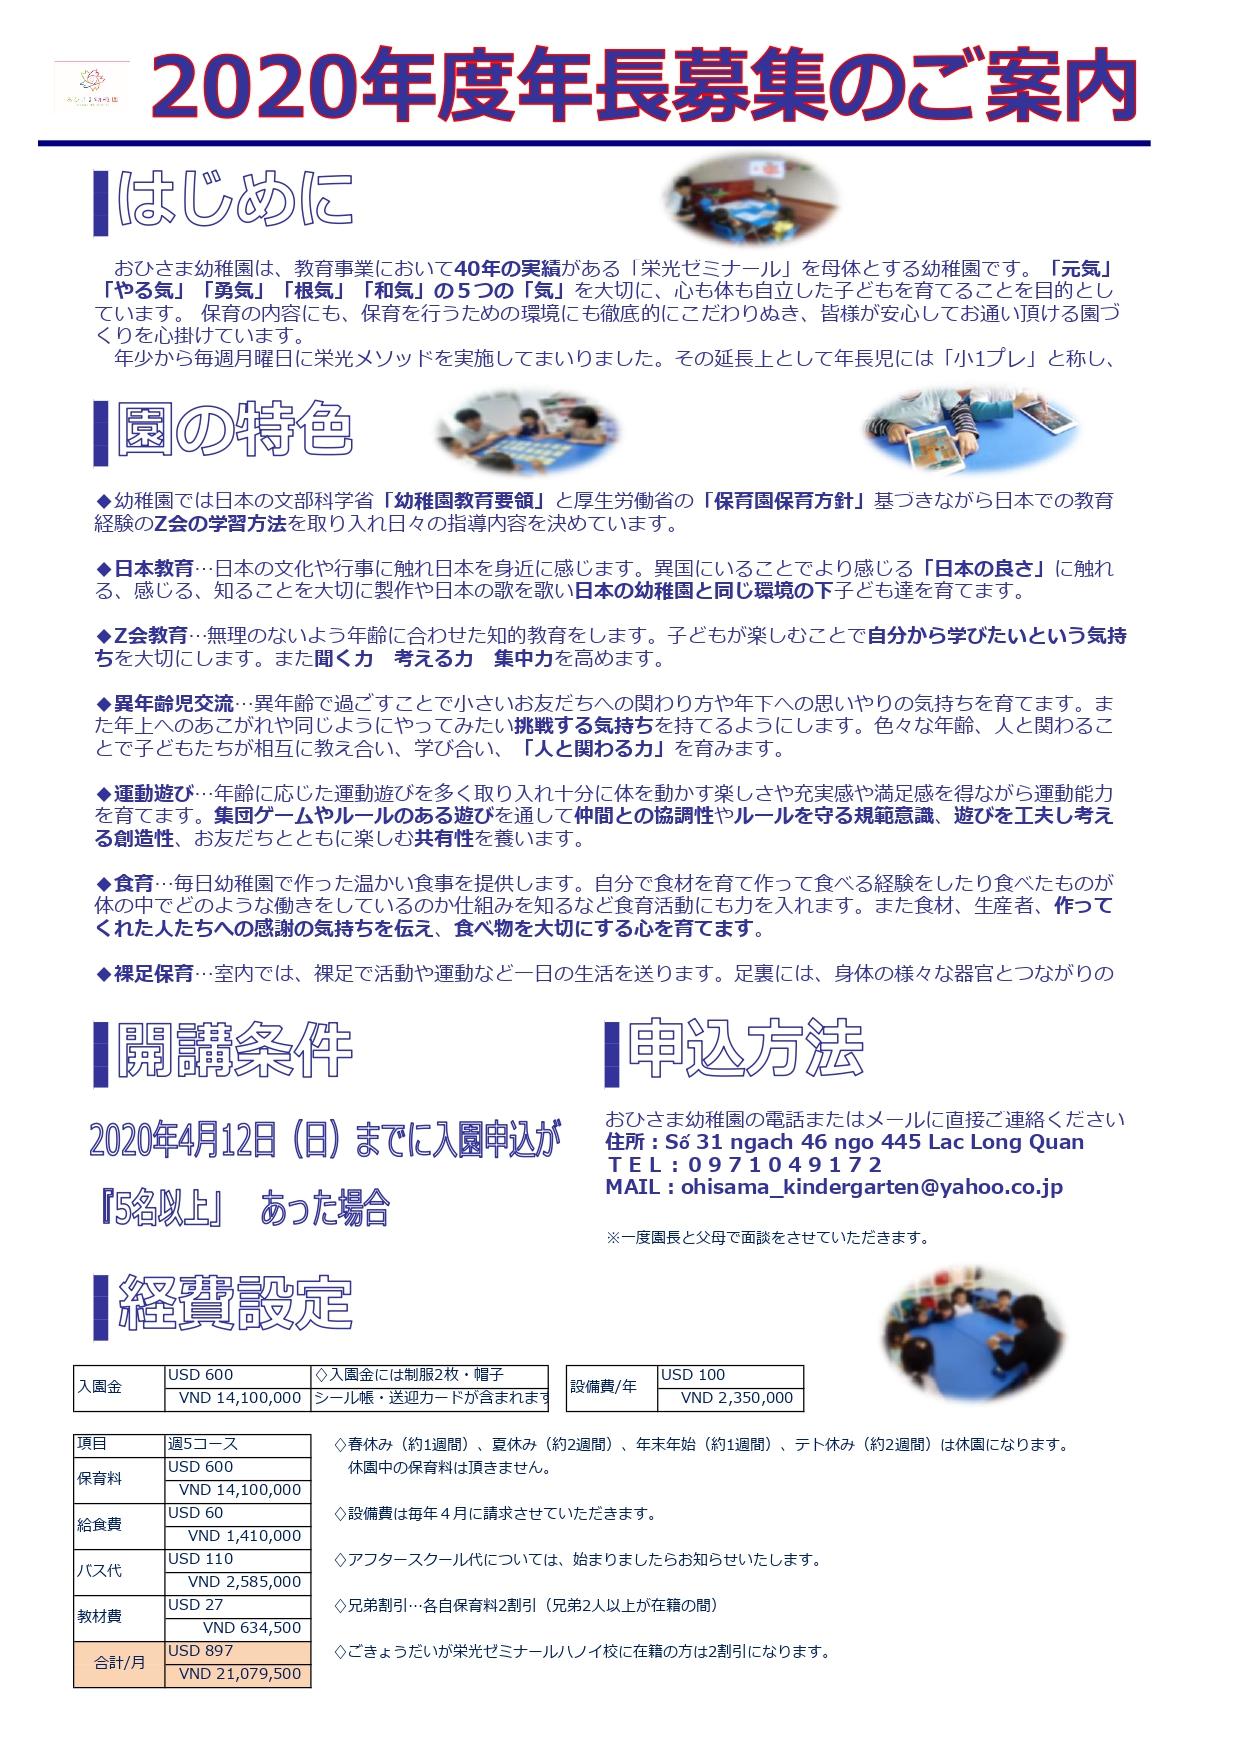 2020年度年長募集案内文20200105_page-0001